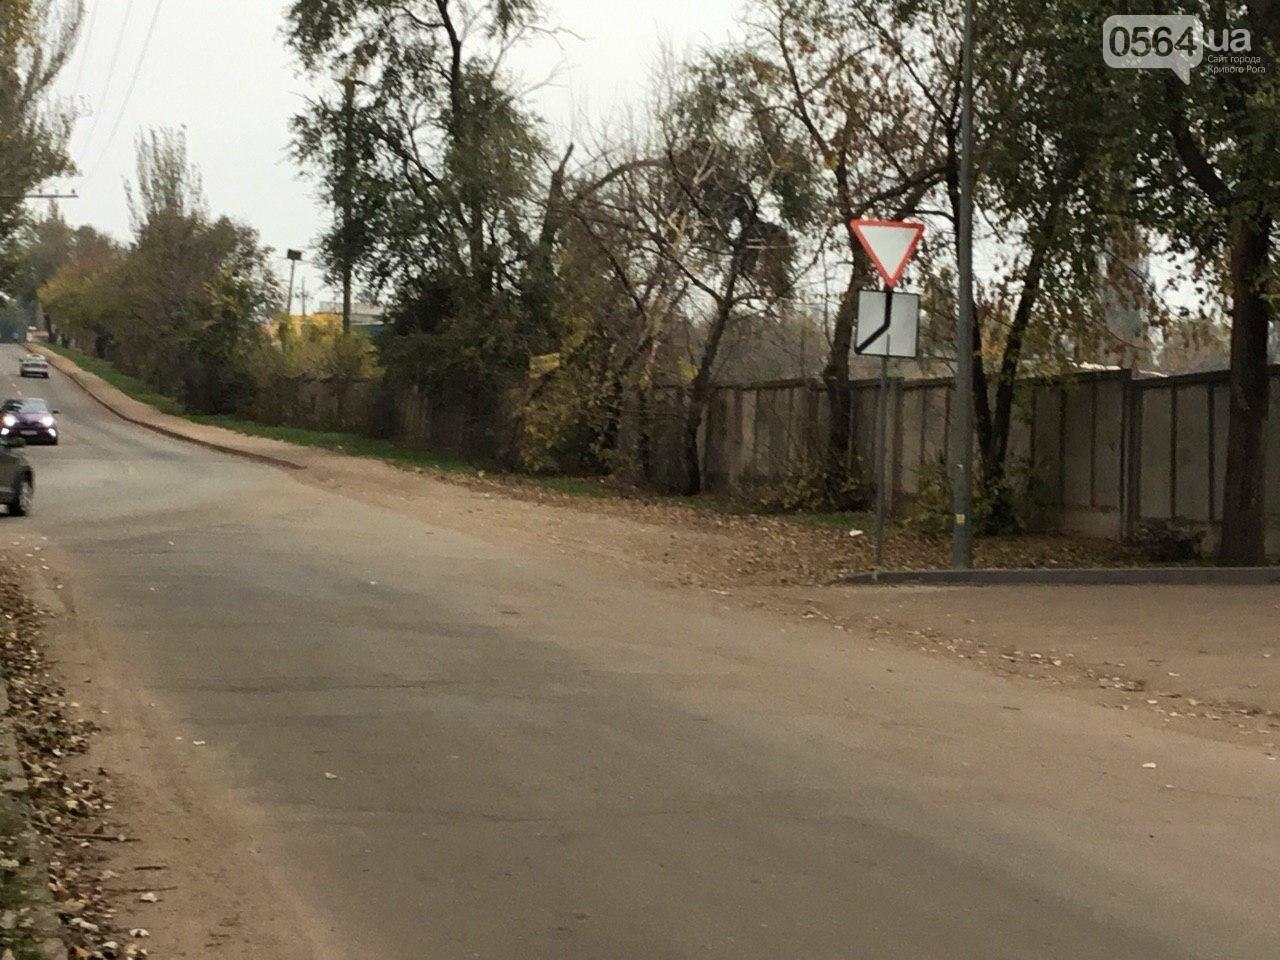 Депутат: в центре Кривого Рога 15 лет незаконно используют участок земли, - ФОТО, ВИДЕО, фото-15